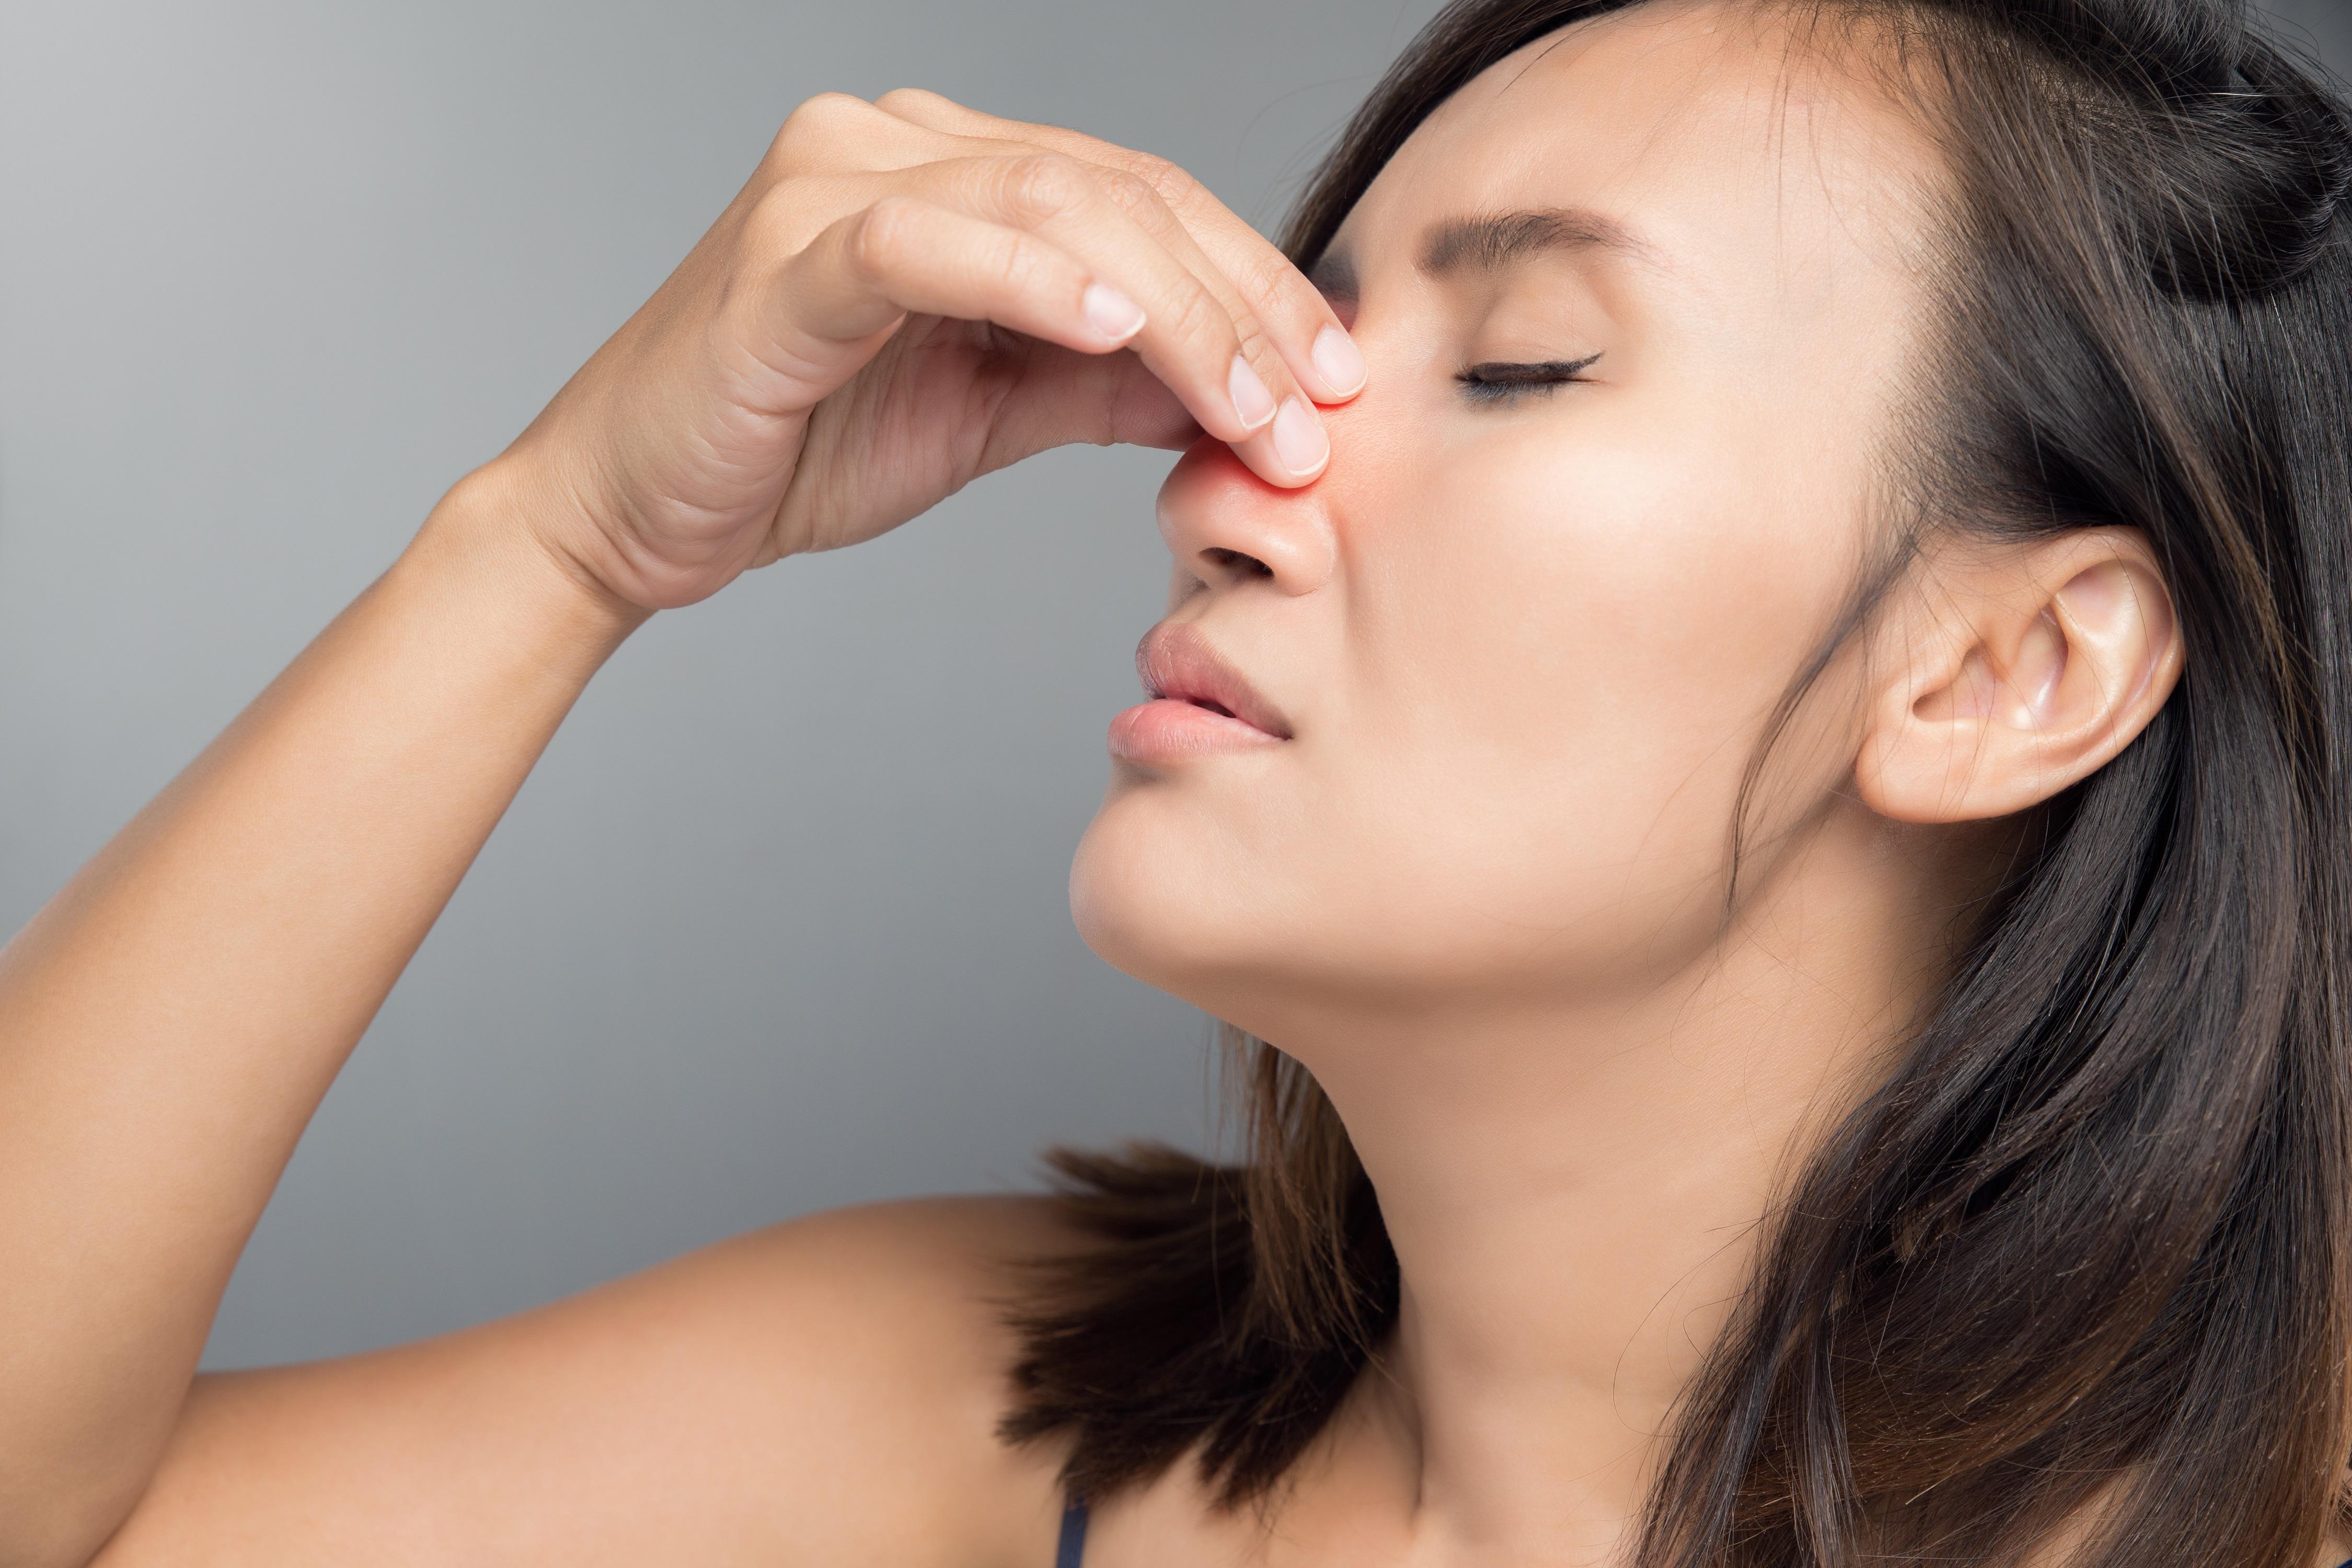 Из-за особенностей своего строения нос часто подвергается травмированию